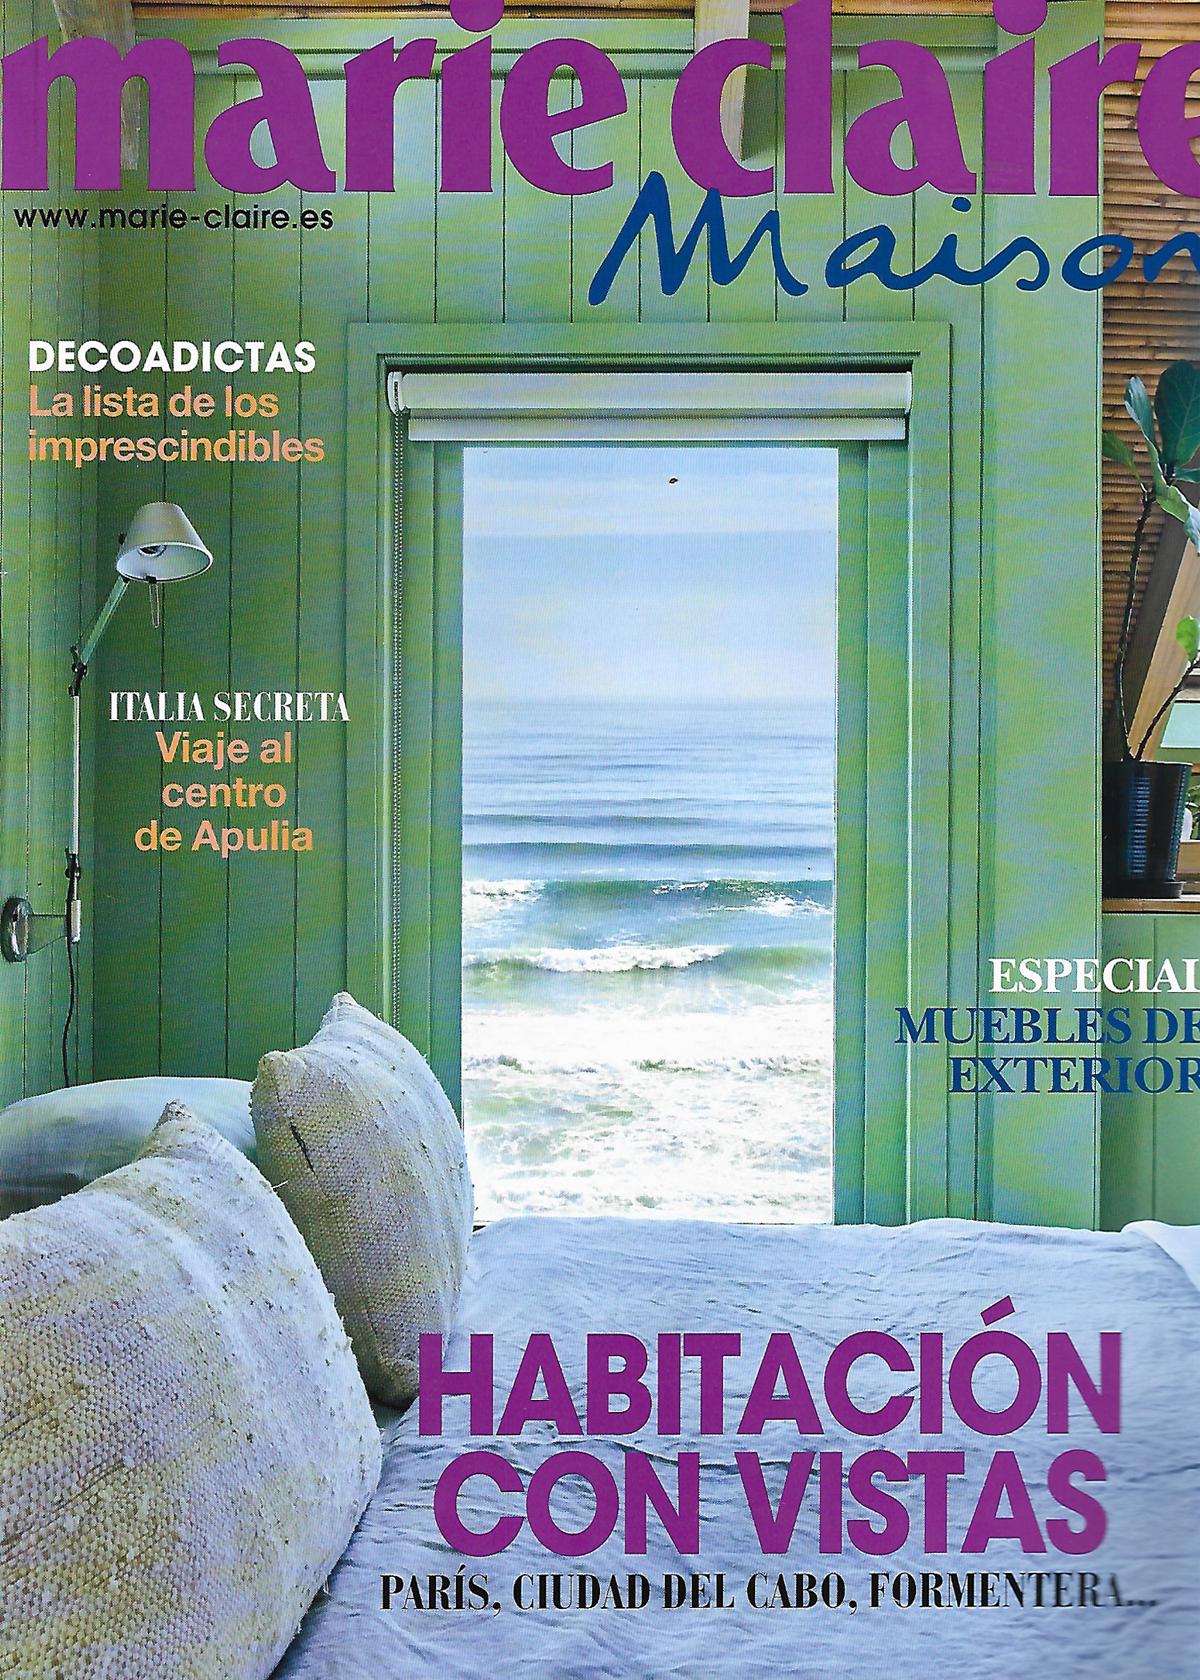 P_010519_MARIE CLAIRE MAISON COVER